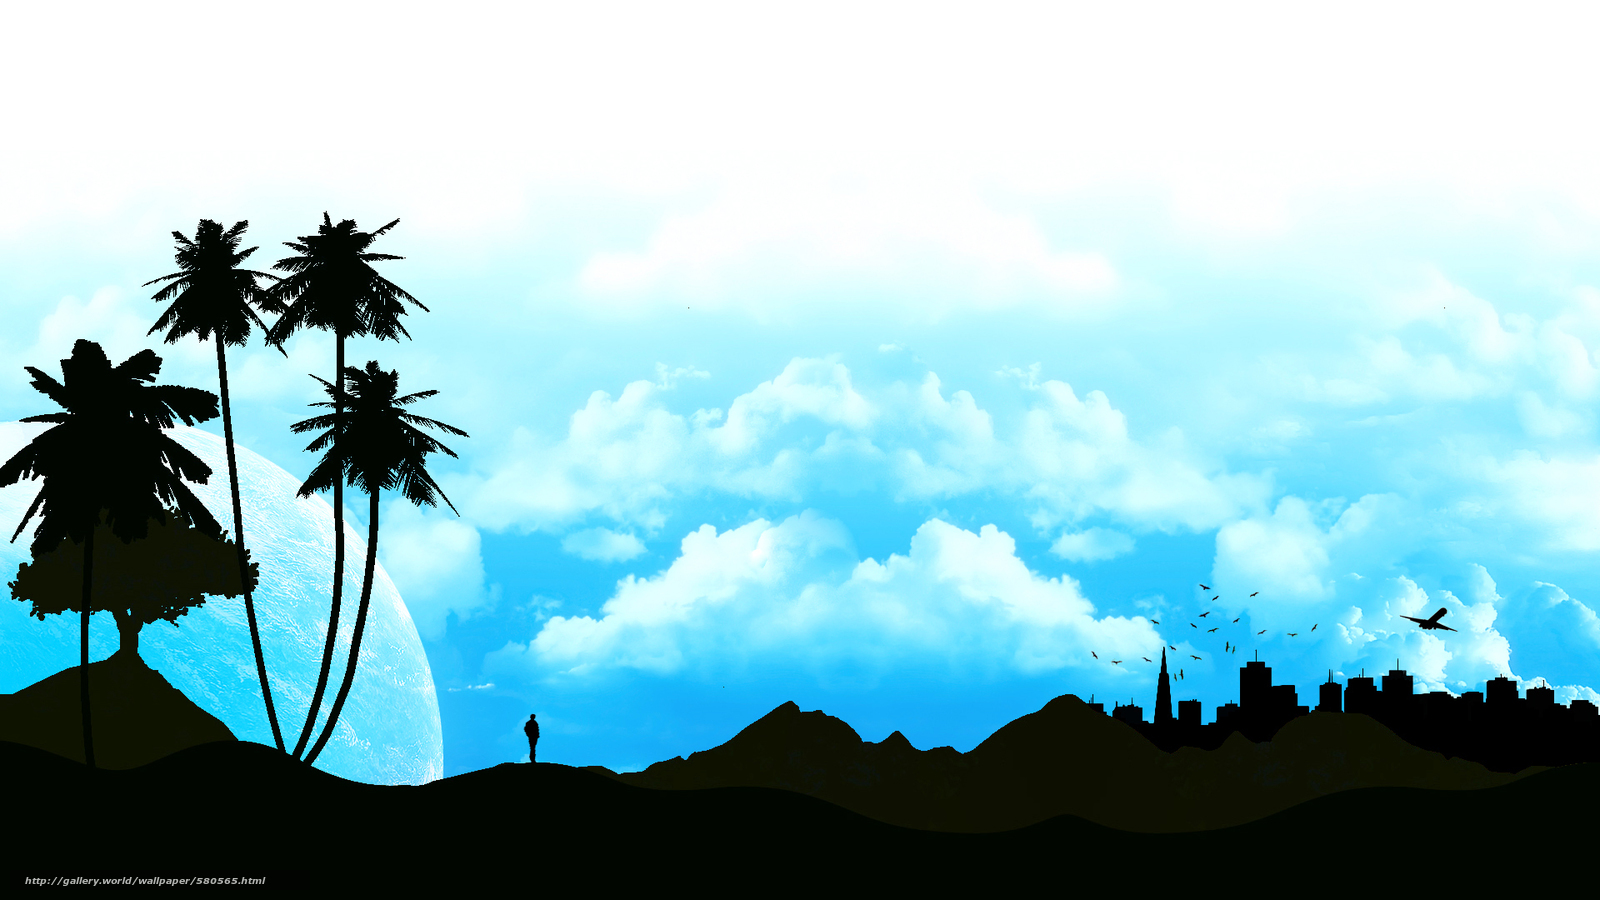 пальма, силуэт, пейзаж, небо, профиль, облака, человек, город